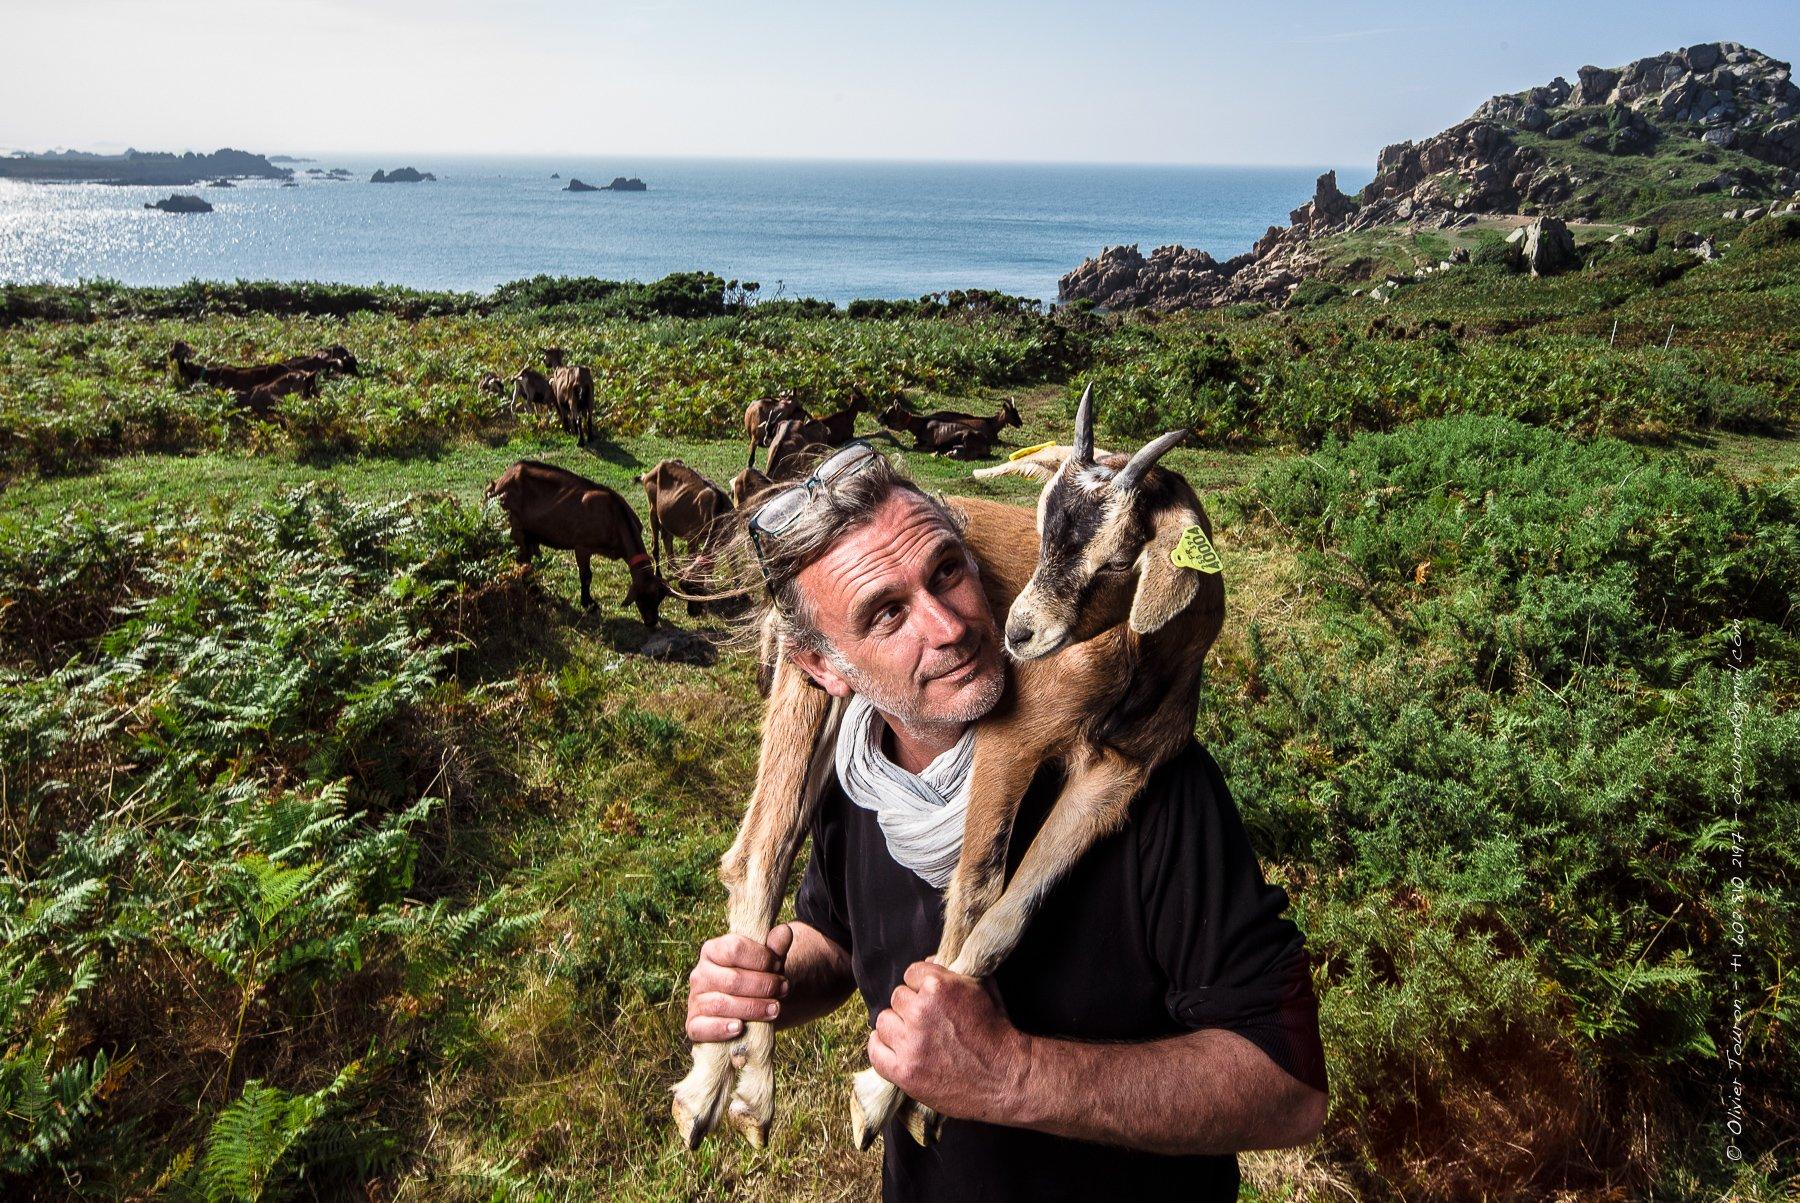 04 septembre 2014. Pointe de Primel. Portrait de Laurent Bonnais et de ses chèvres jardinières. // © Olivier Touron / Divergence